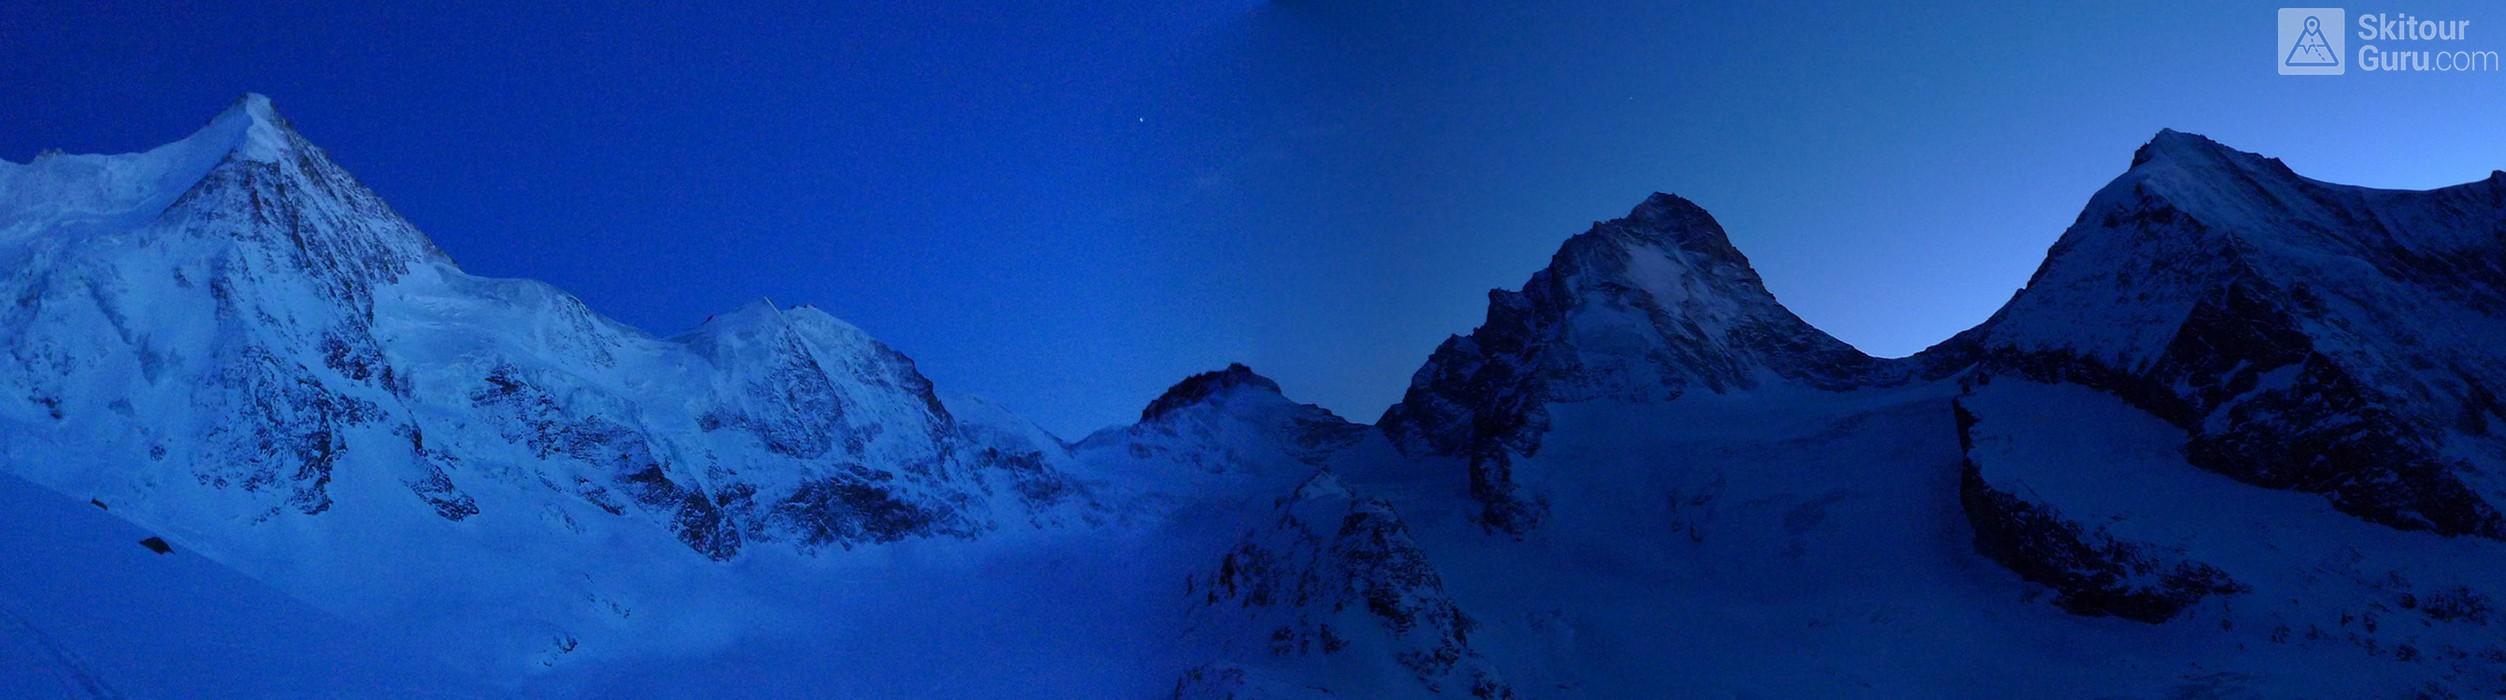 Cabane du Mountet Walliser Alpen / Alpes valaisannes Switzerland panorama 12